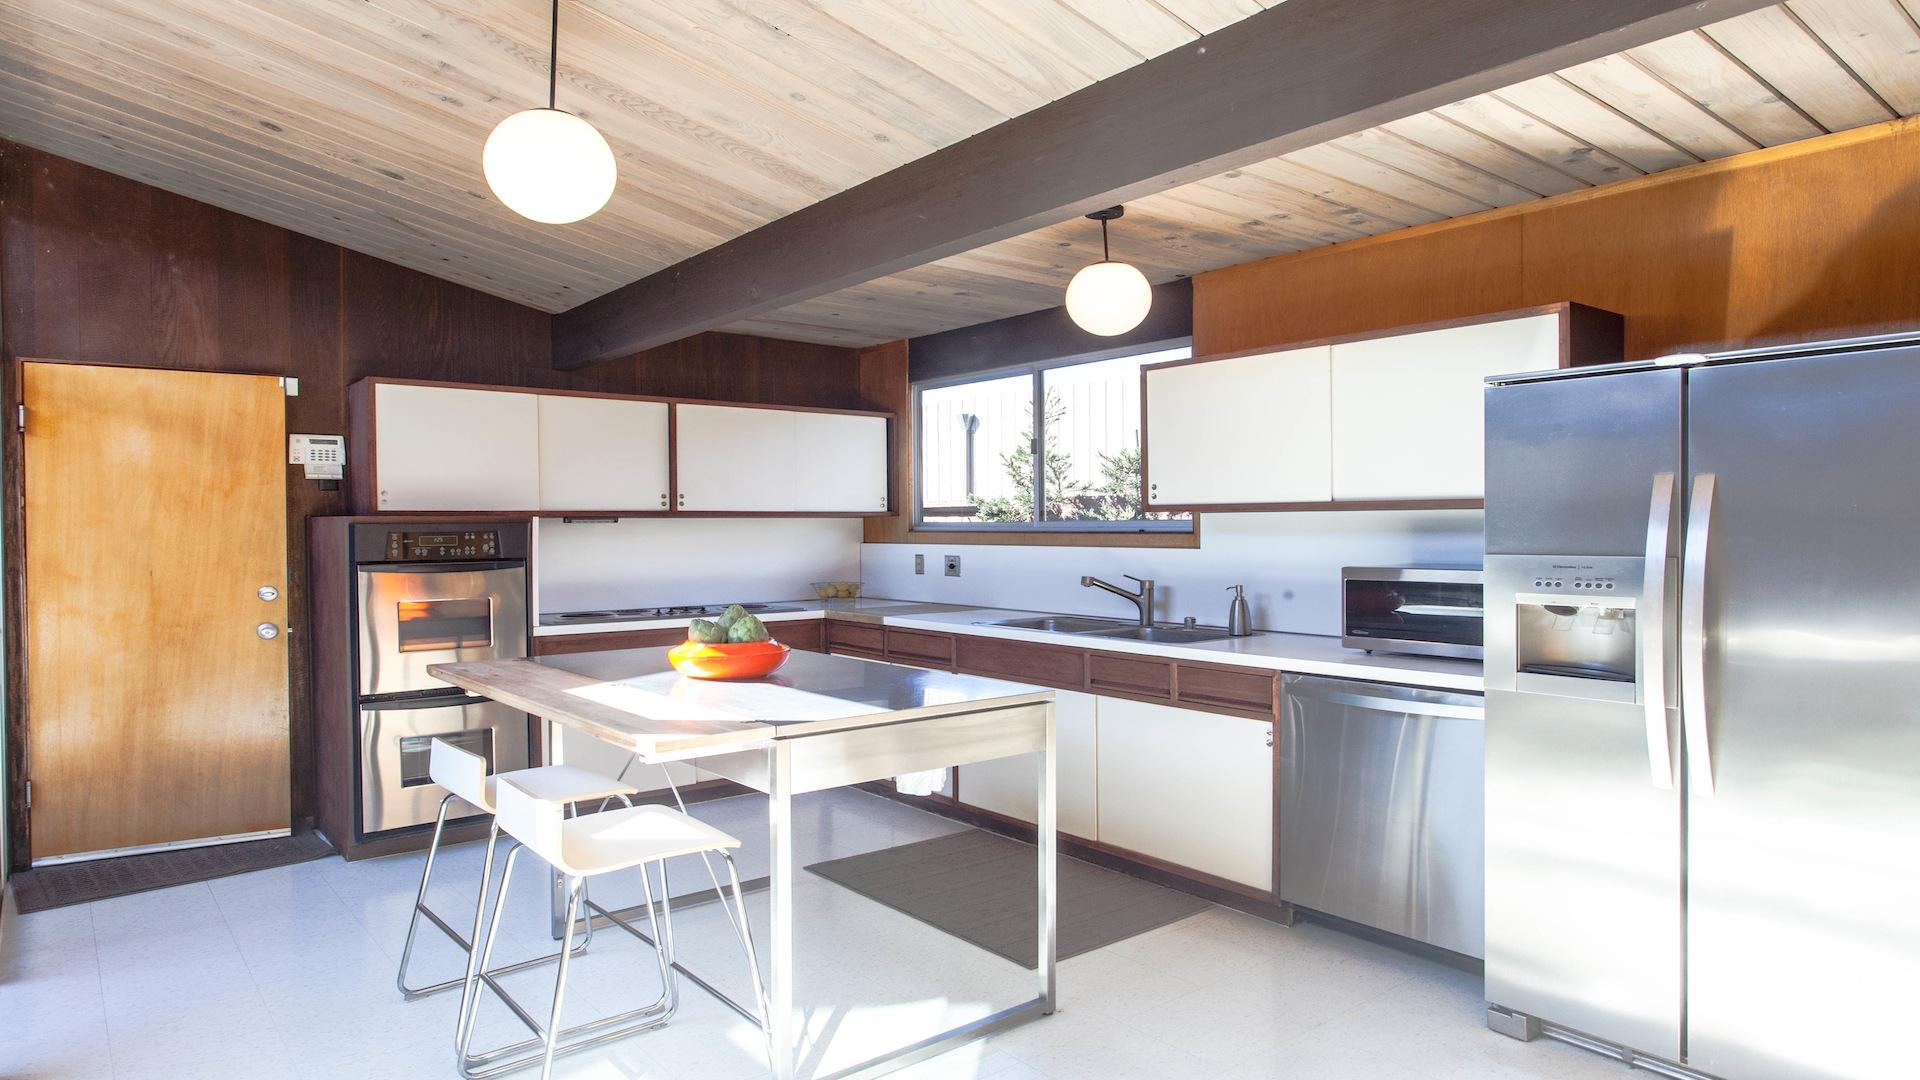 kitchen_1_of_1_1920